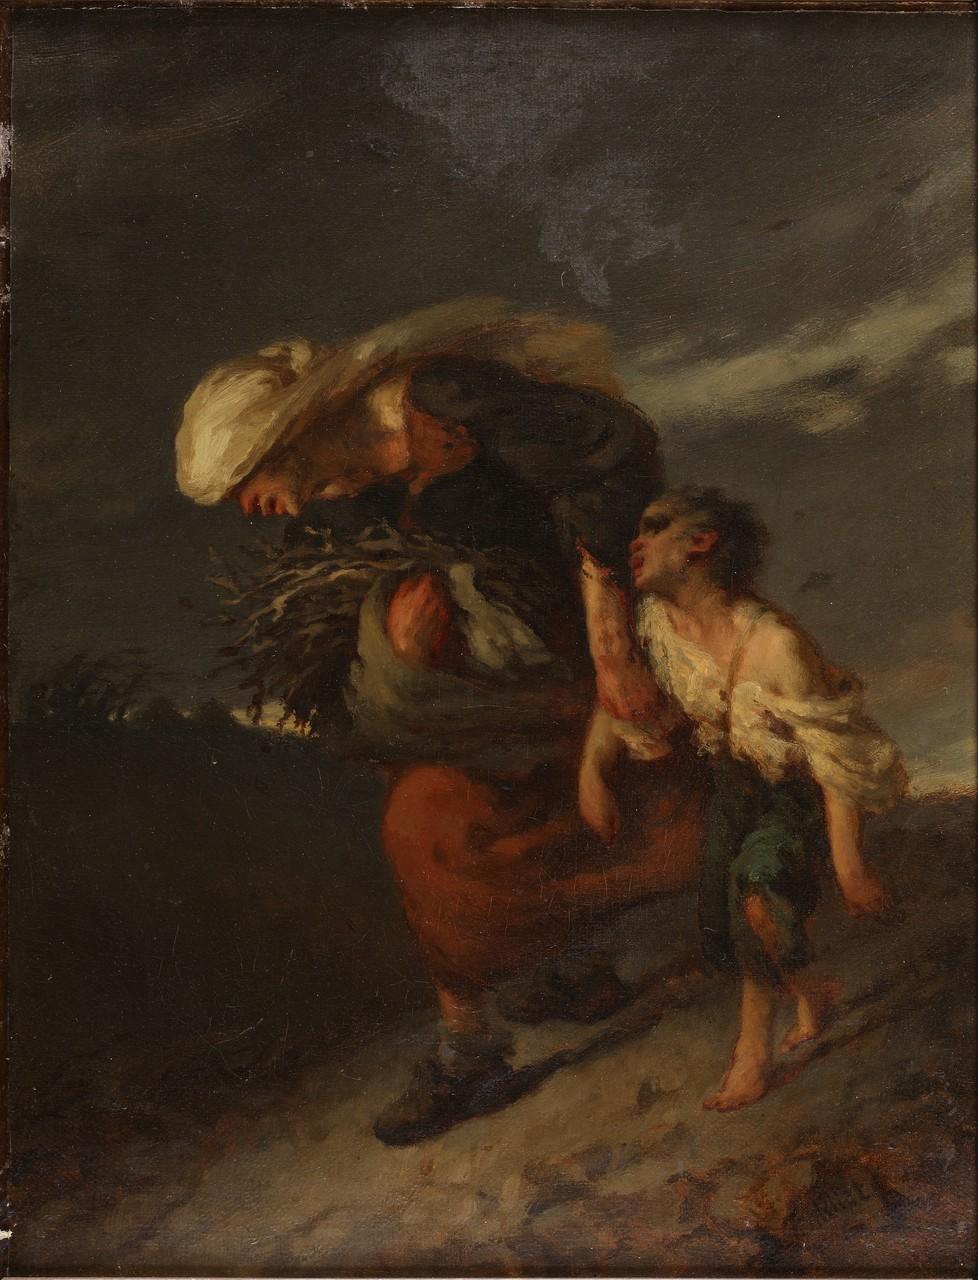 Jean-François Millet, L'Orage, huile sur toile, vers 1847,  © D.Sohier